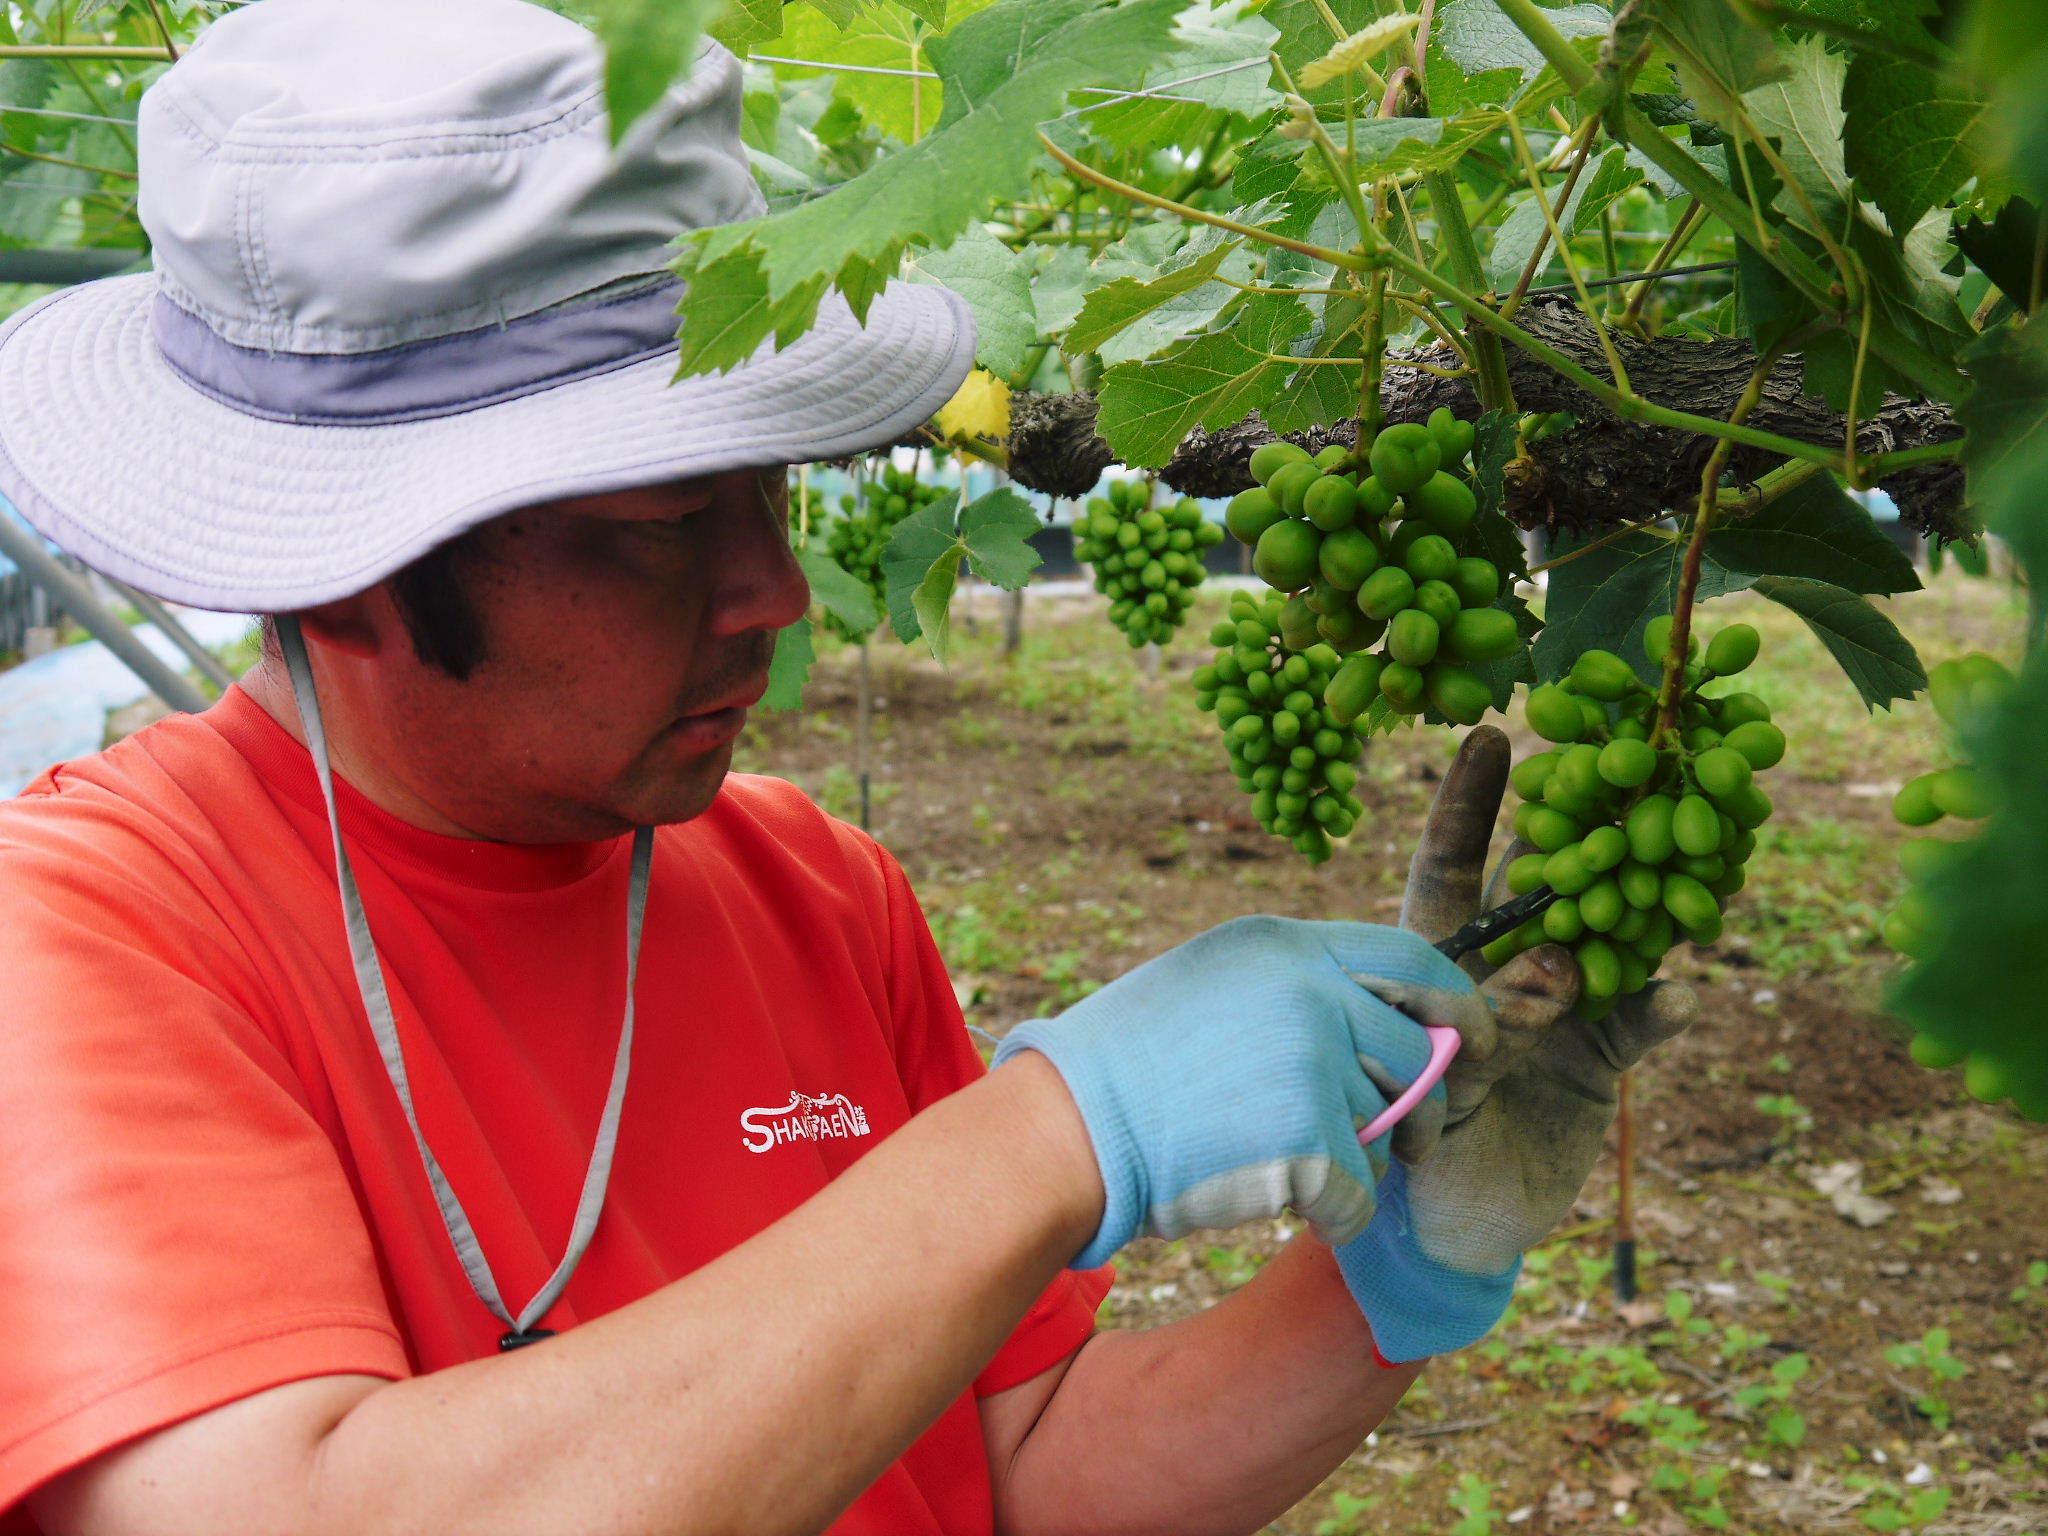 熊本ぶどう 社方園 今年(2020年)は例年以上の大粒に仕上げるべく摘粒作業が行われています(前編)_a0254656_18220121.jpg